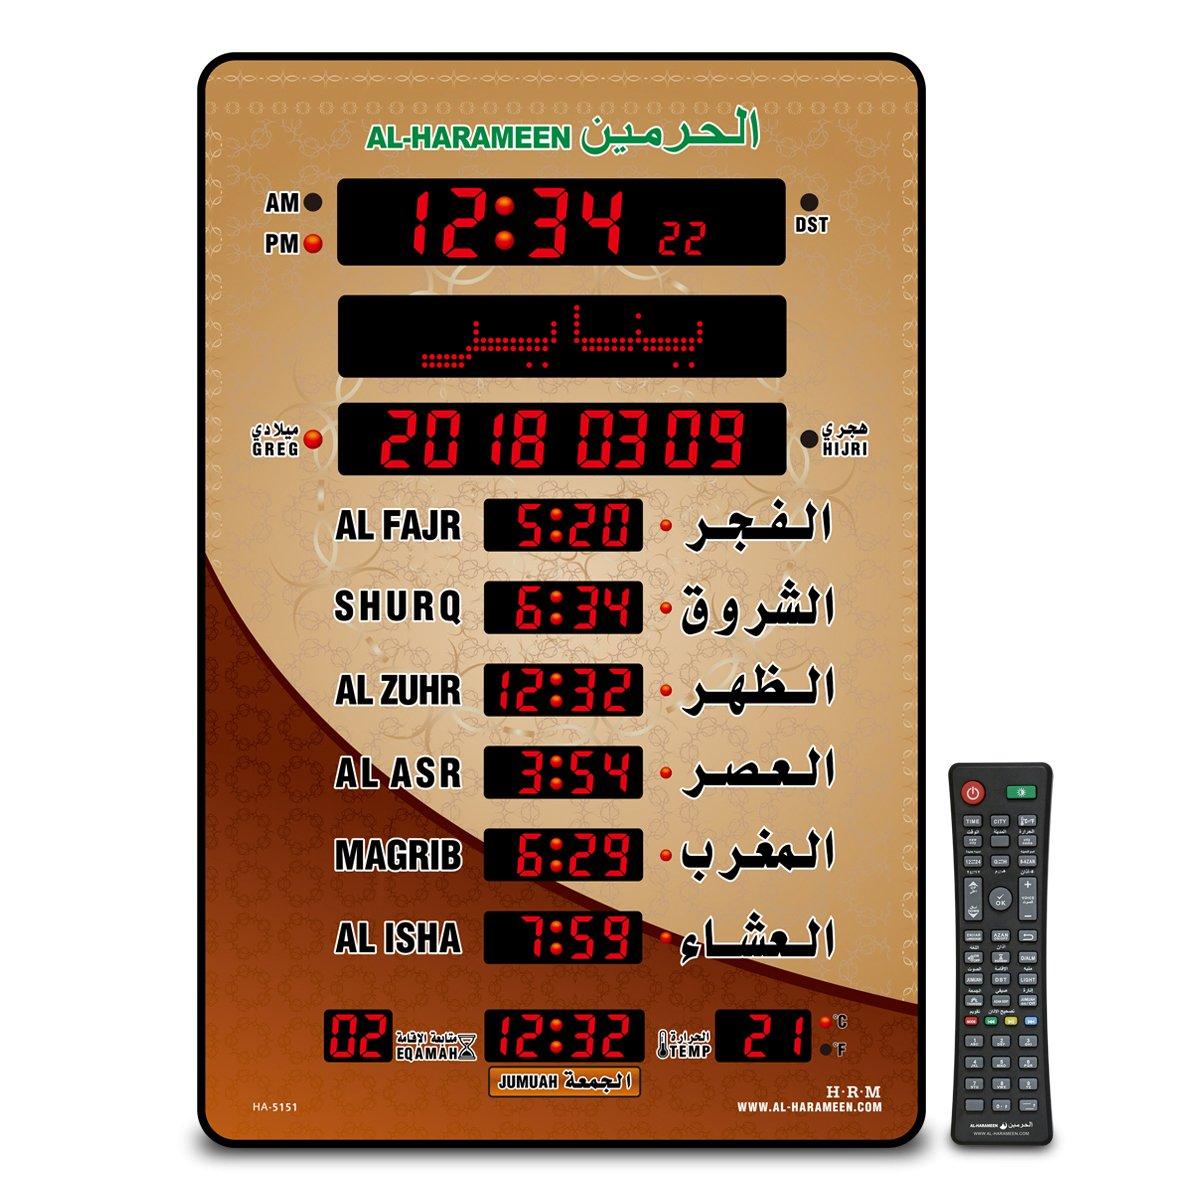 AL-HARAMEEN LED Muslim Clock/Digital Muslim Clock/azan Clock/Islamic Wall Clock Prayer Times Wall Clock,Mosque,Masjid Clock with Complete Azan for All ...